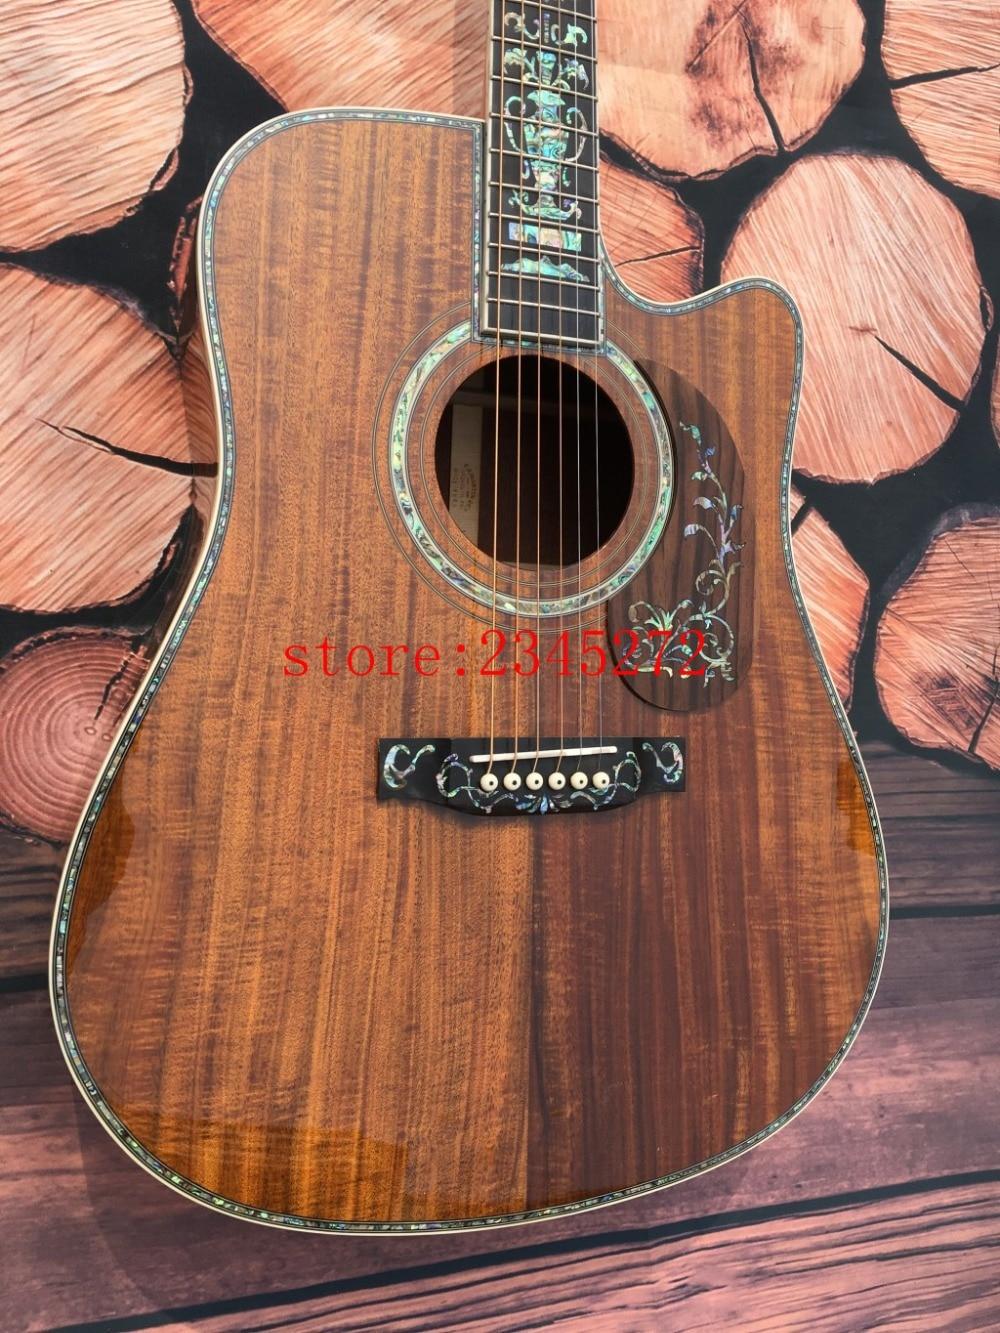 Guitare acoustique acoustique koa Cutaway OEM de haute qualité + touche en ébène 41 pouces + incrustation de coquille d'ormeau de luxe + livraison gratuite